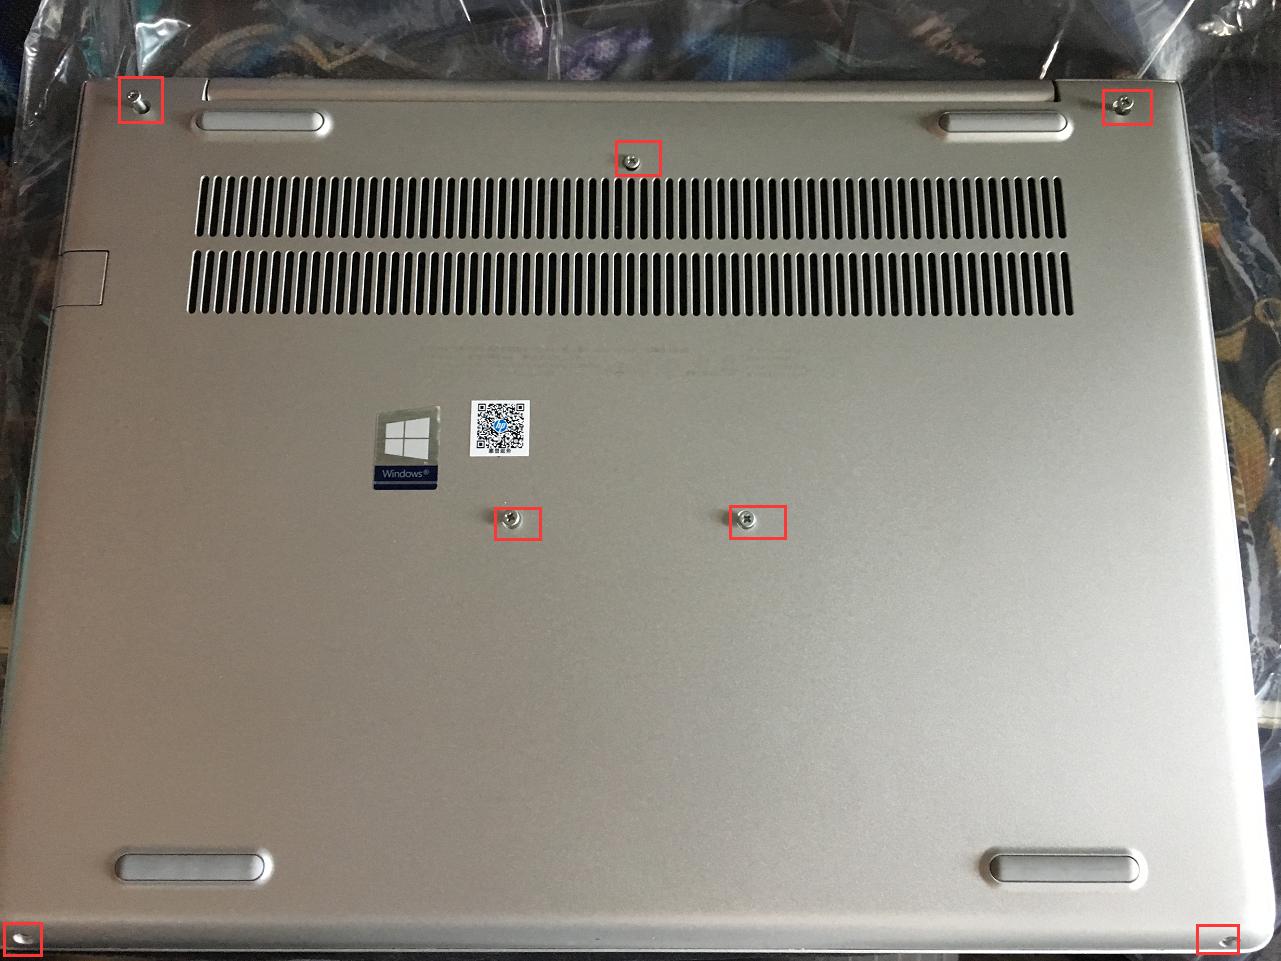 【视频】惠普HP Probook 430 G6 系列拆机视频拆机加内存硬盘升级